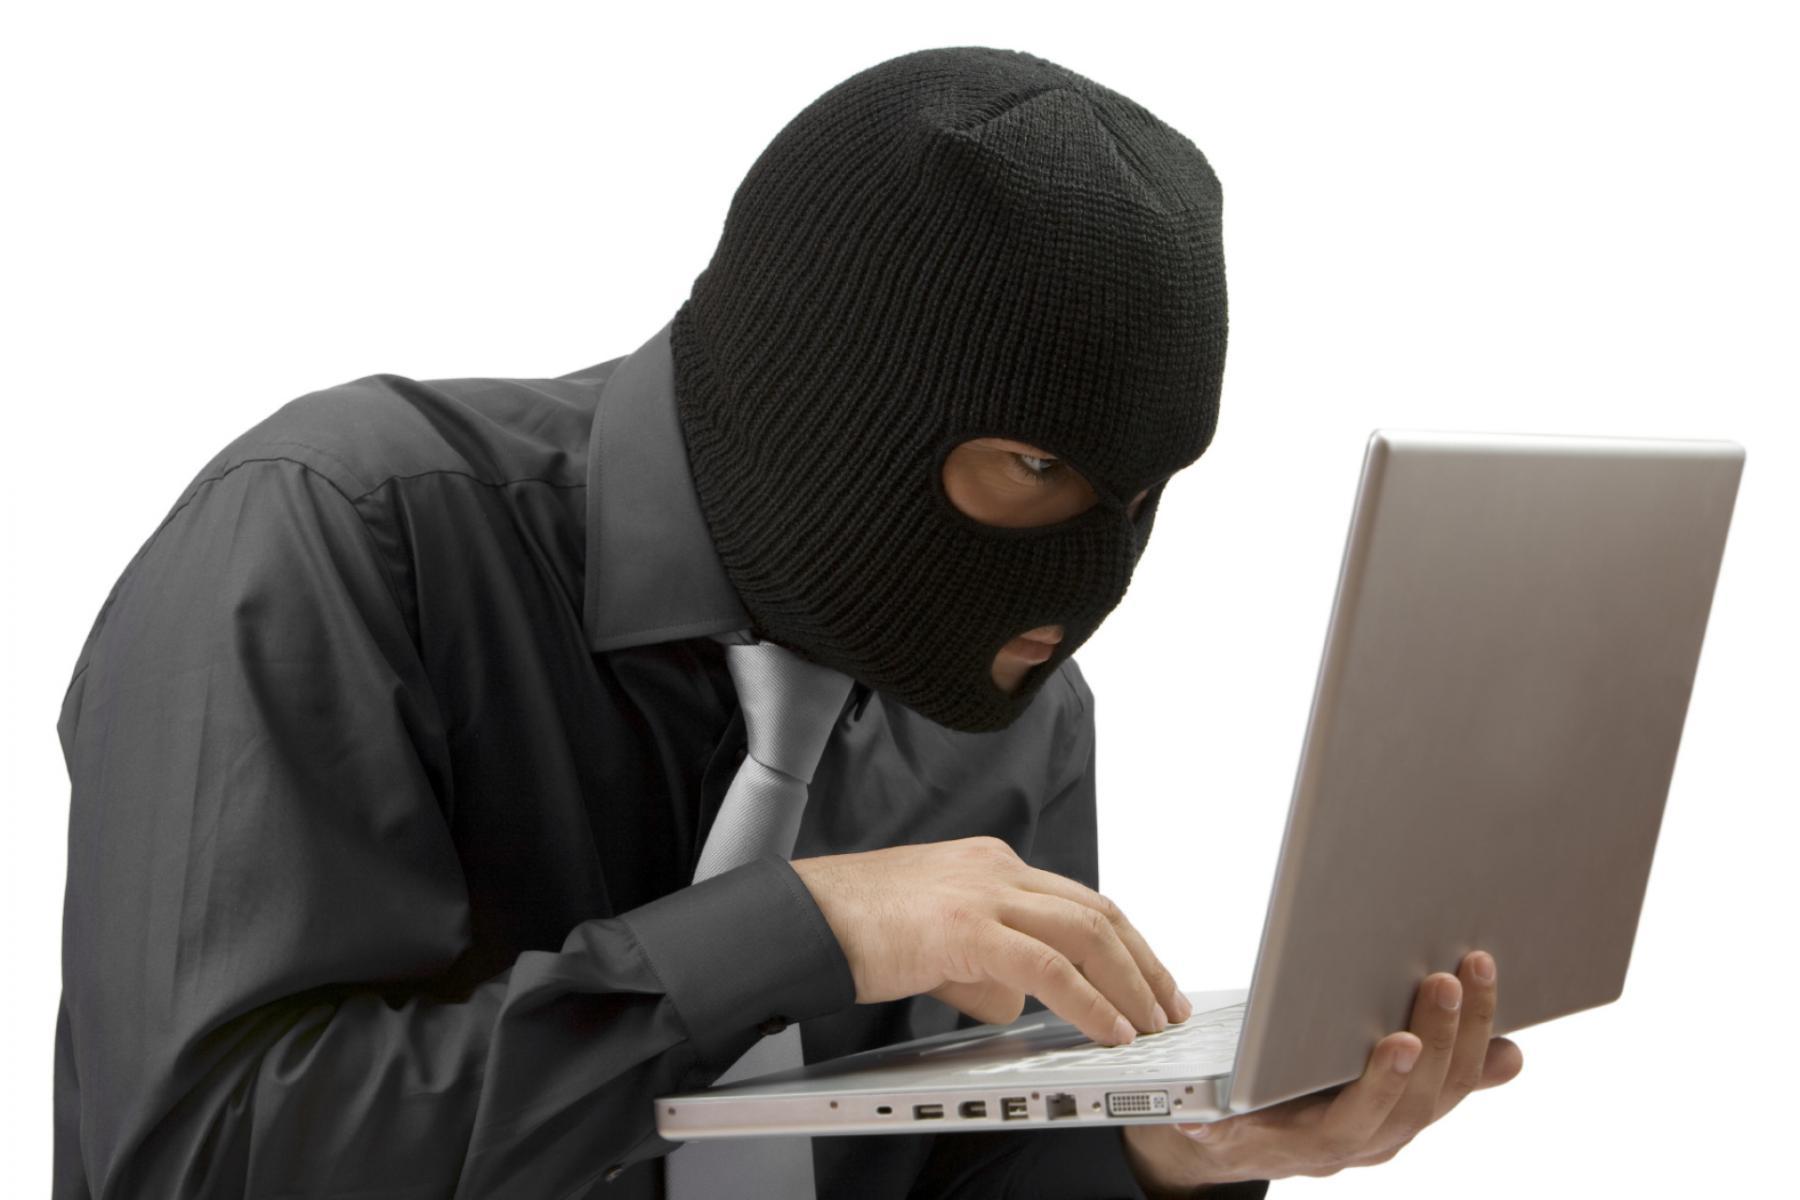 طرق التجسس و سرقة الخصوصية عبر الفيسبوك